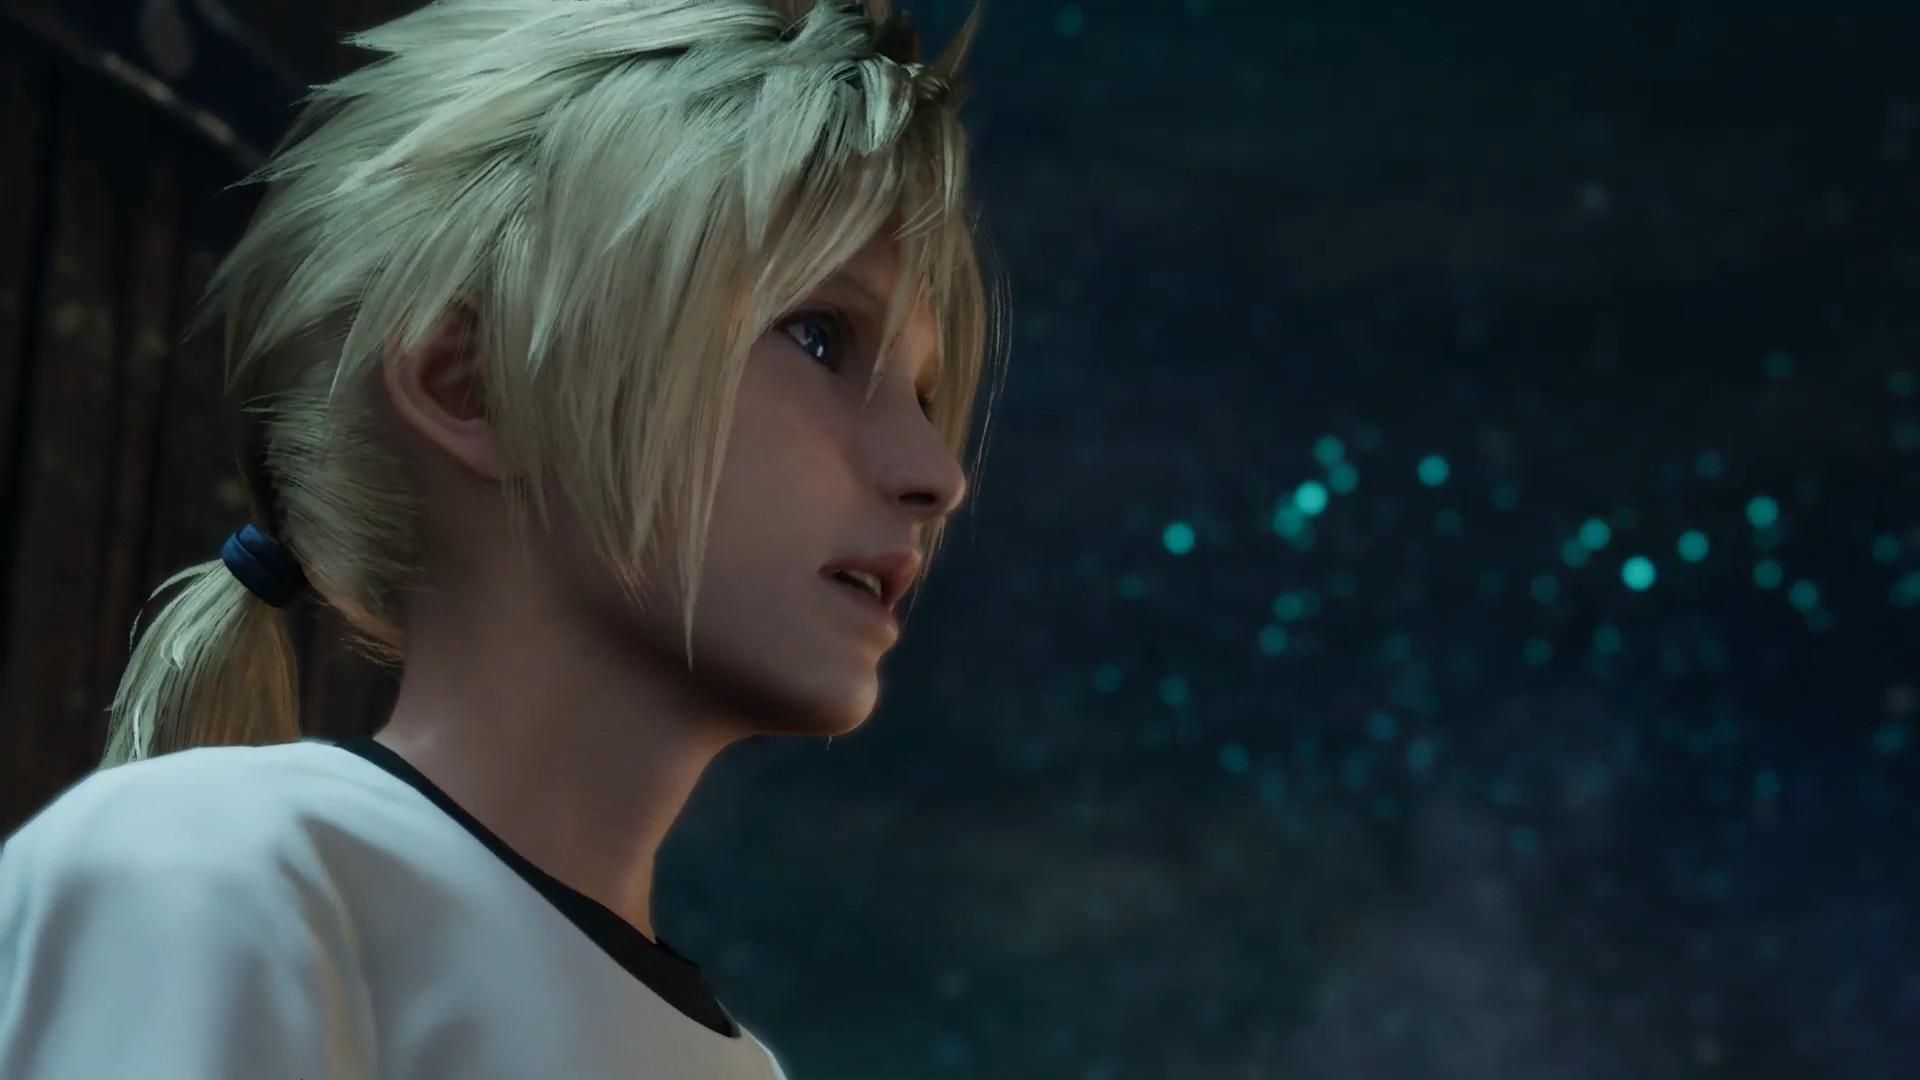 《终极幻想7:重制版》主题弯预告 女装克劳德登场